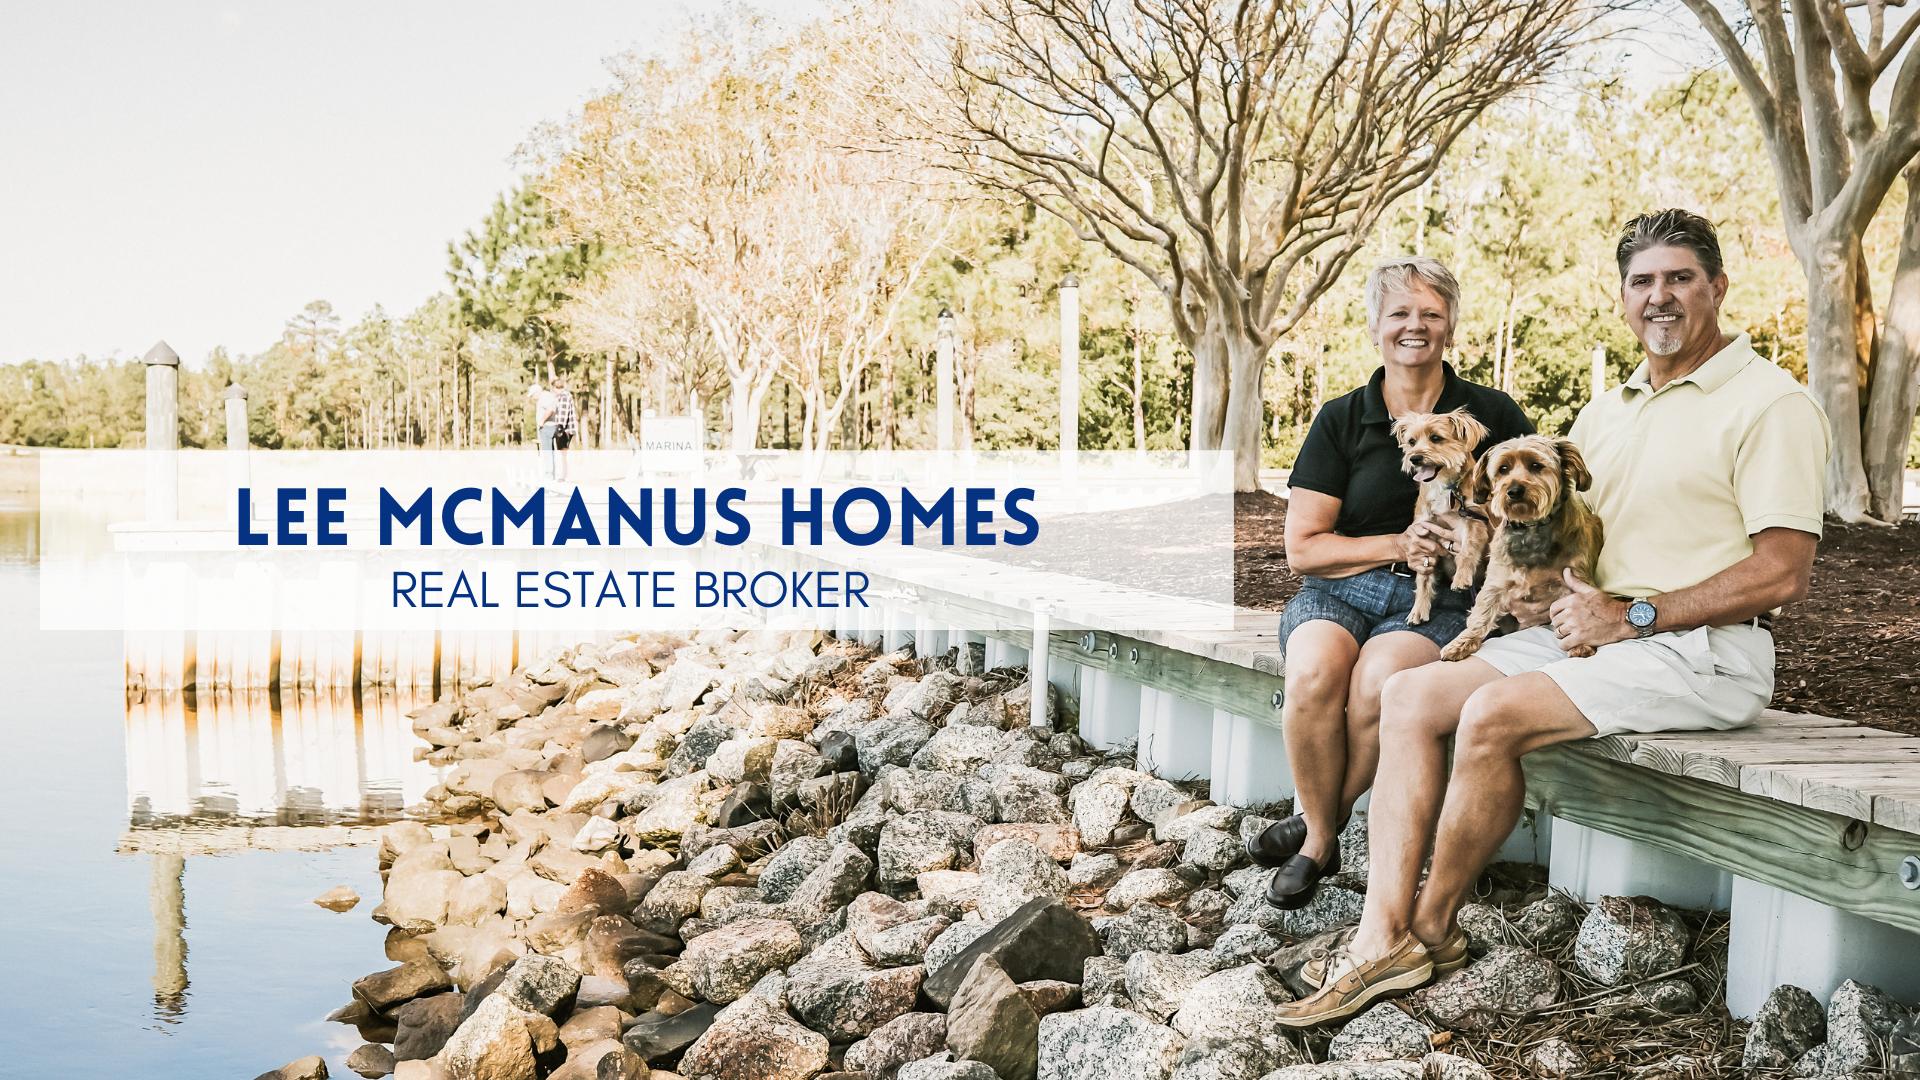 Lee McManus Homes